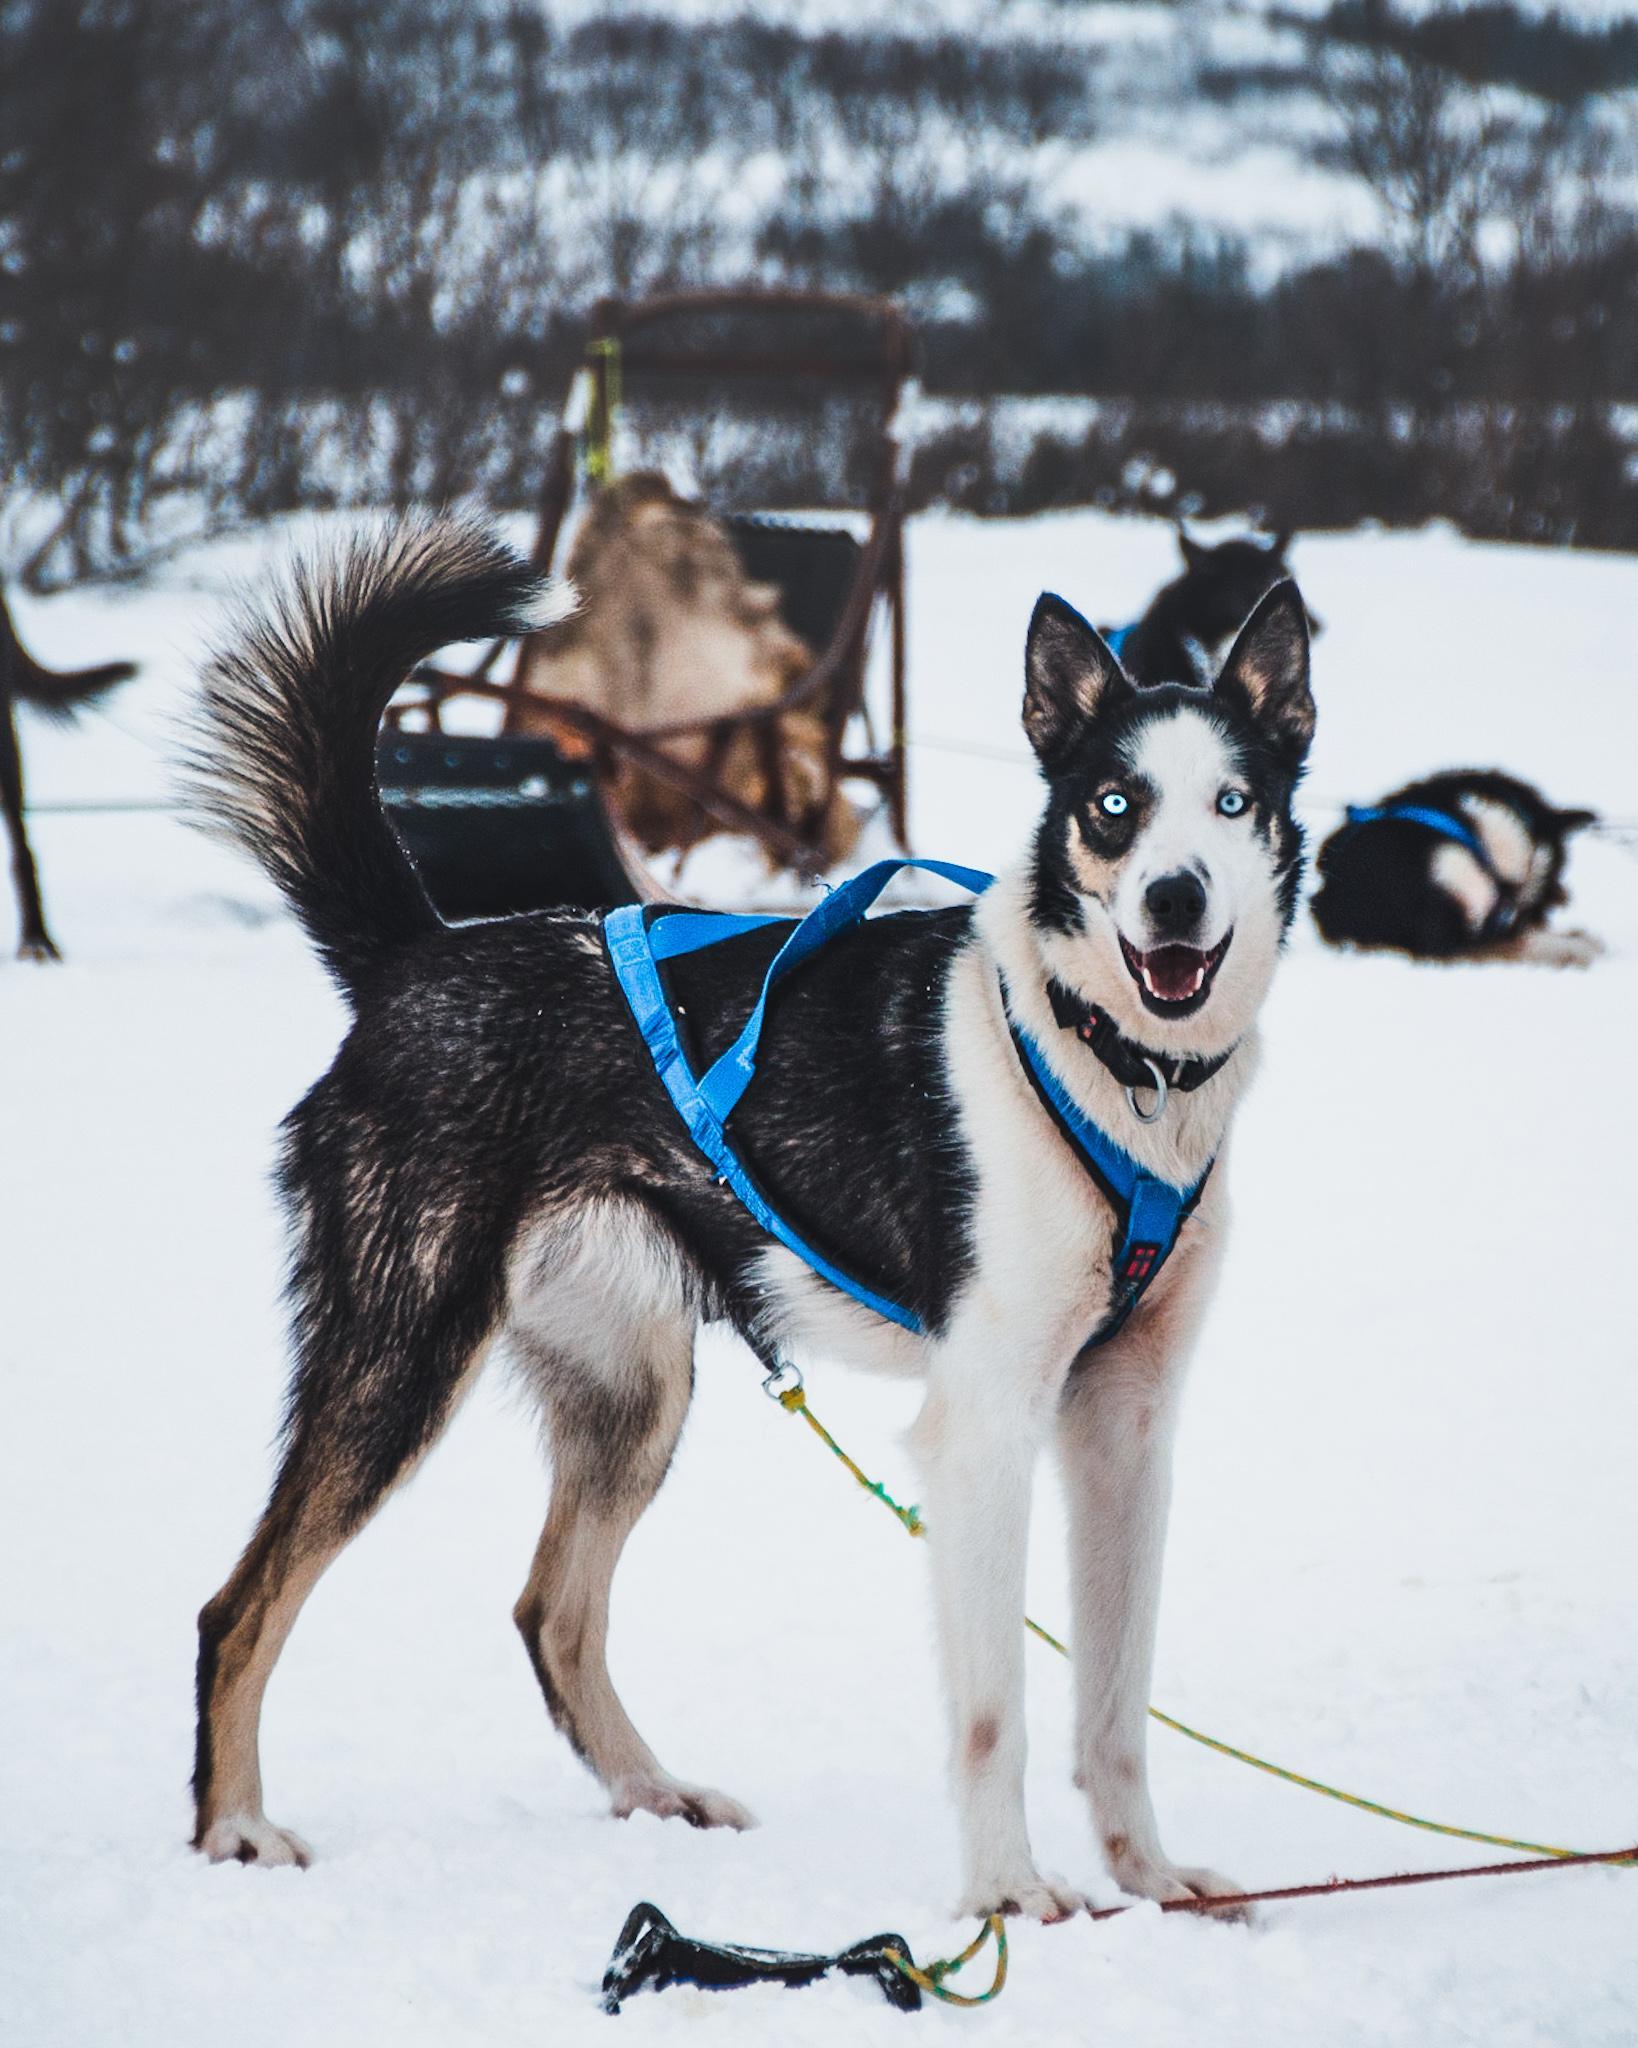 Hvit og svart husky i snøen